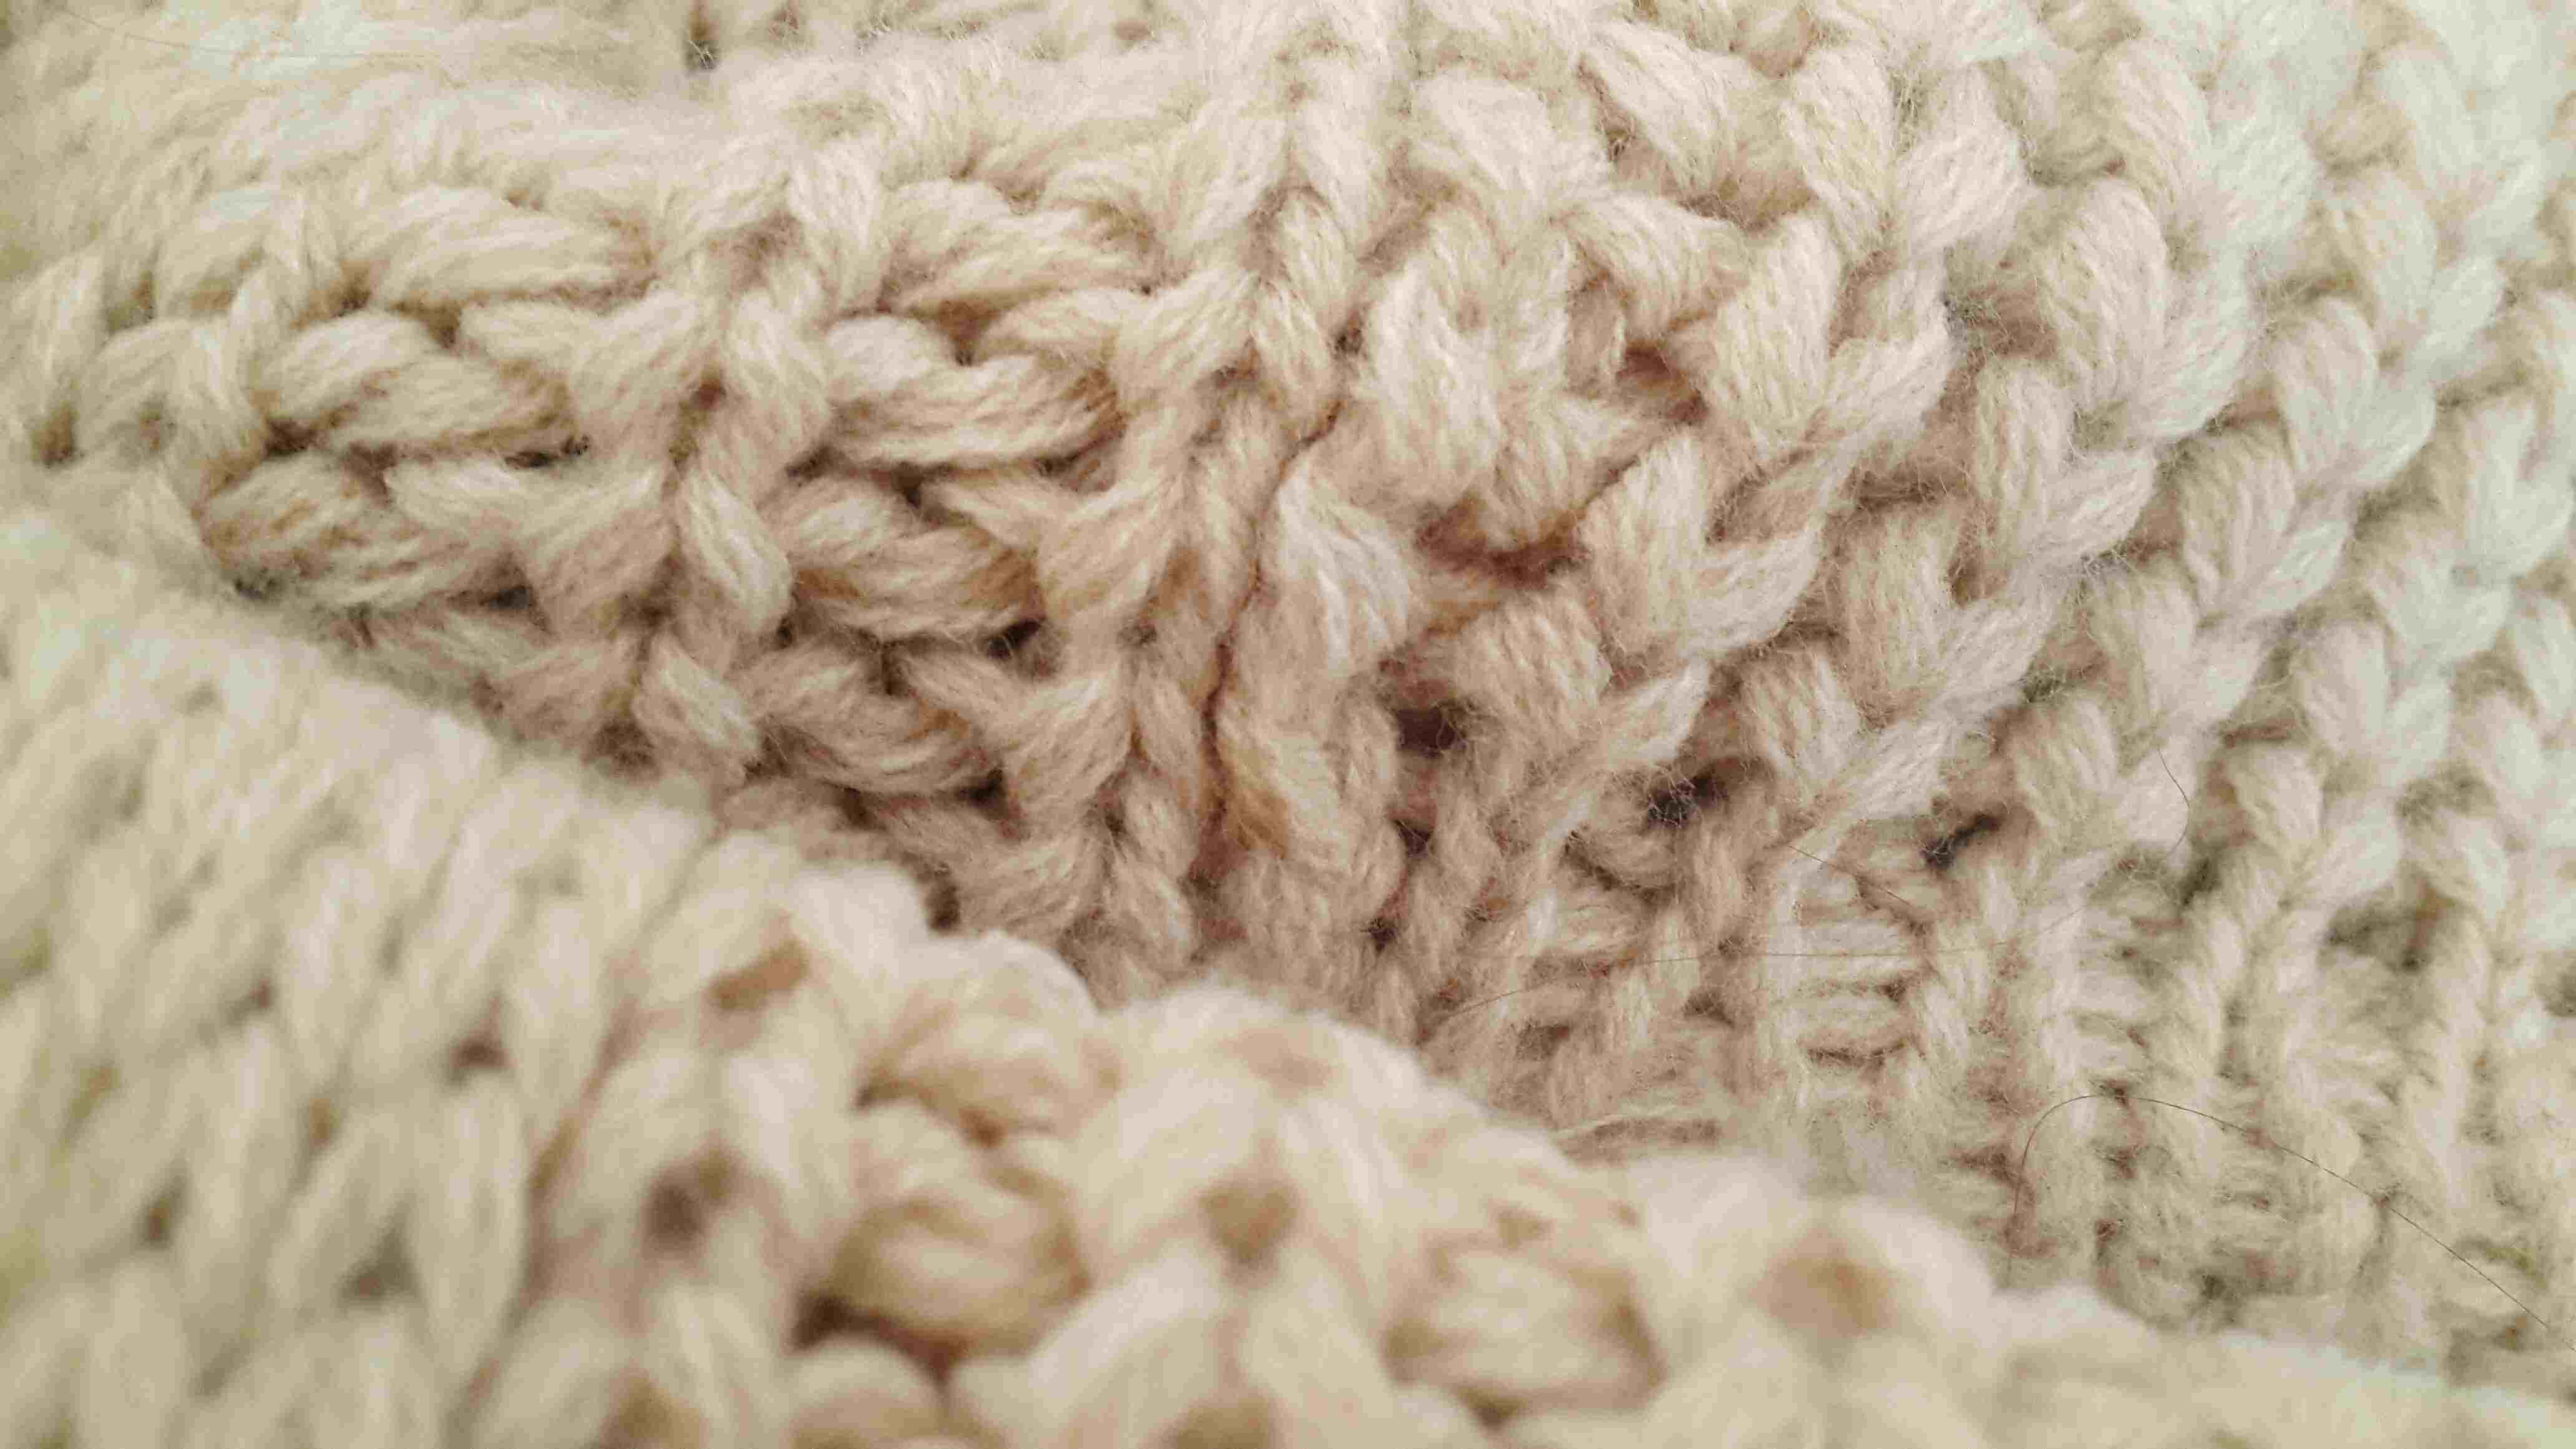 Detail shot of wool material